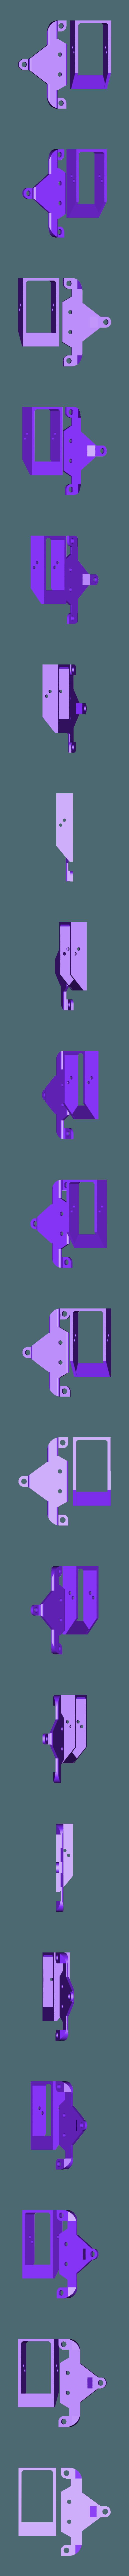 """Griff_S_Camera_mount_NANO.stl Télécharger fichier STL gratuit GR1FF S 2.5"""" 2020 Cadre pour cure-dents 2020 • Design à imprimer en 3D, Gophy"""